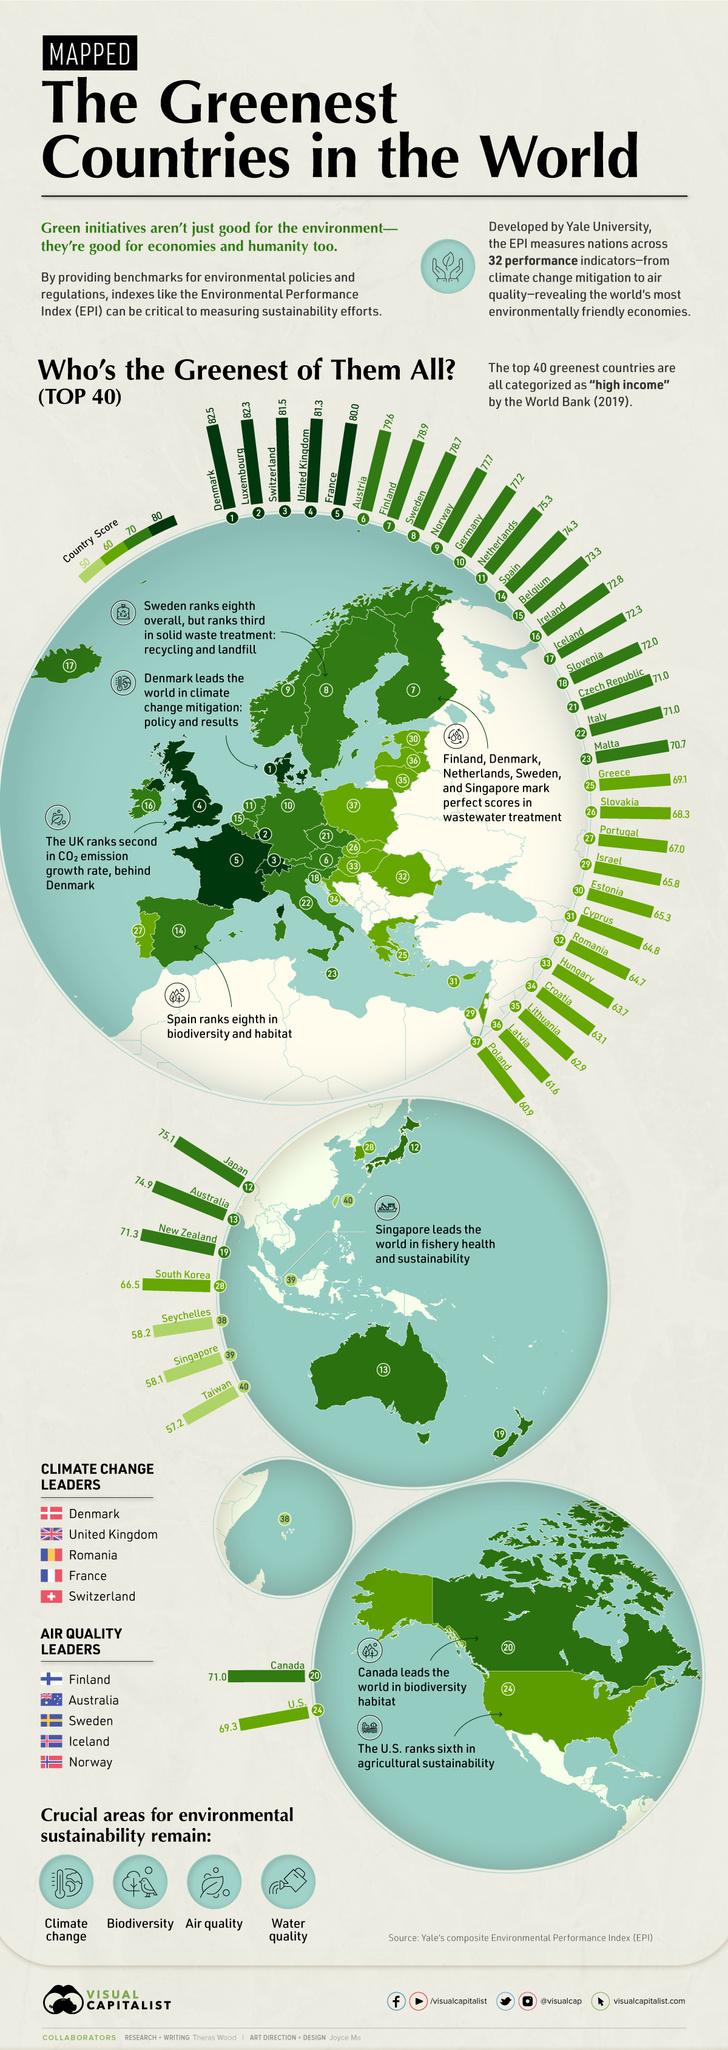 Фото №2 - Инфографика: 40 самых «зеленых» стран мира